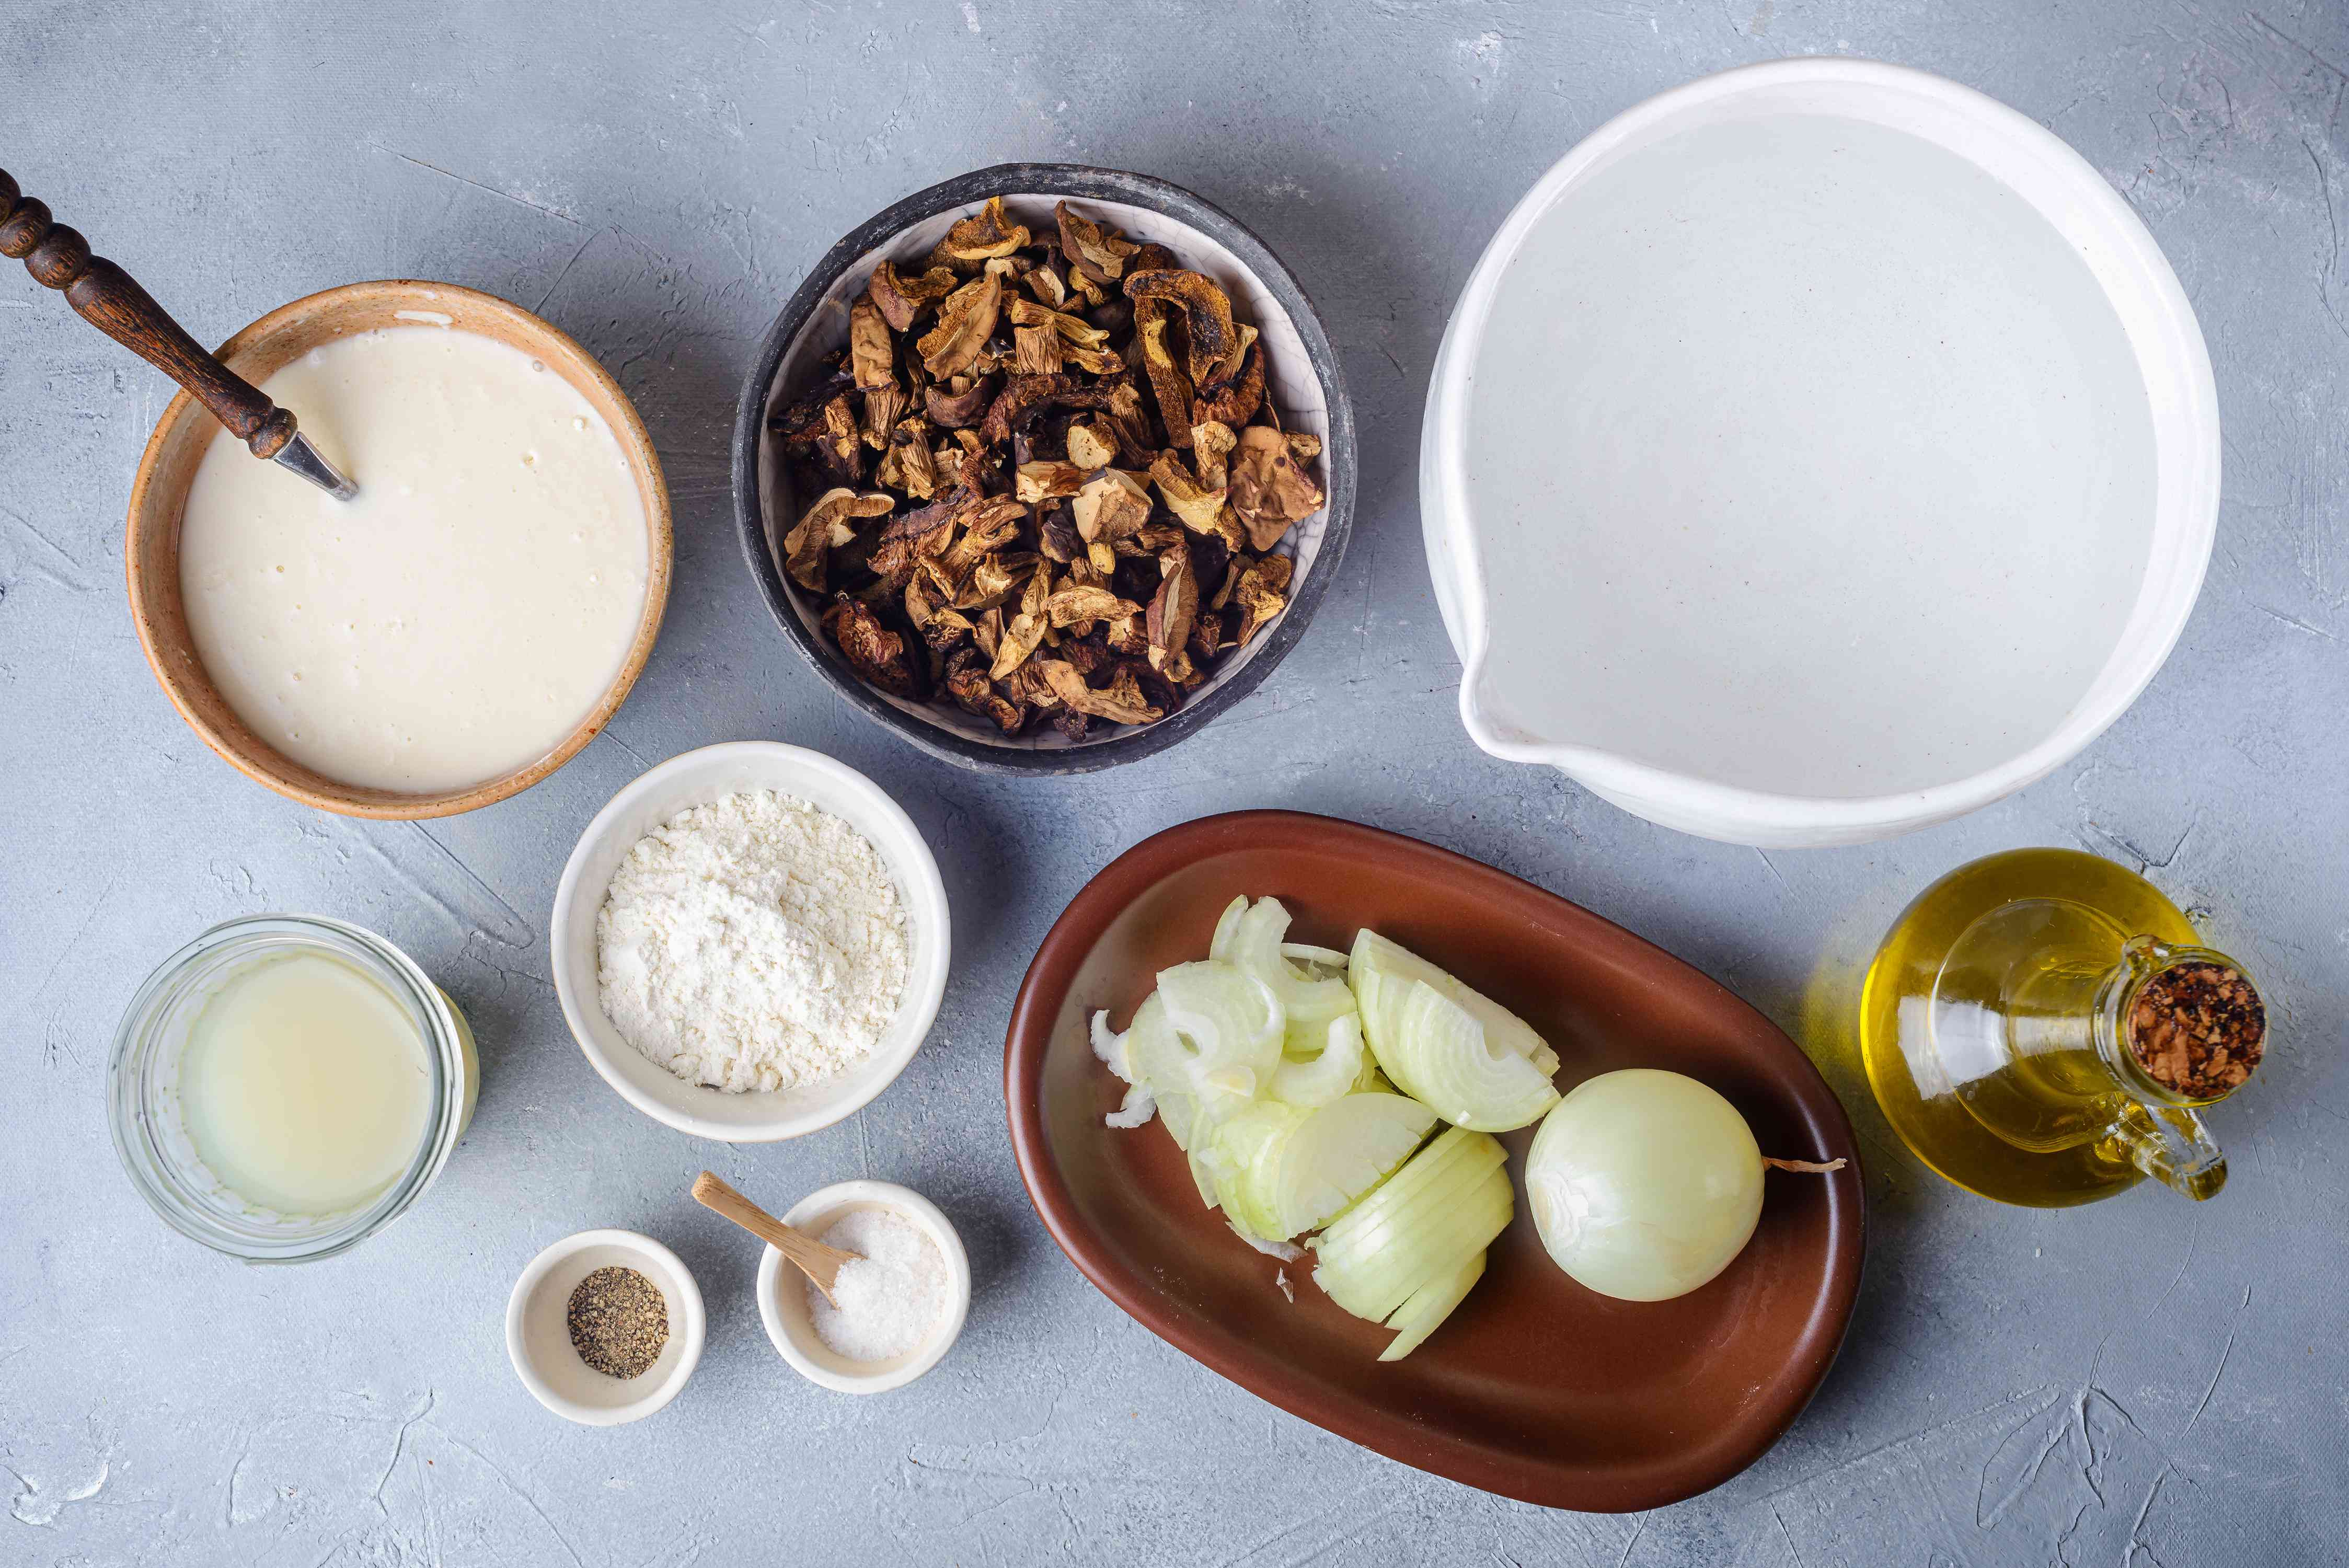 Ingredients for Slovak sour mushroom soup